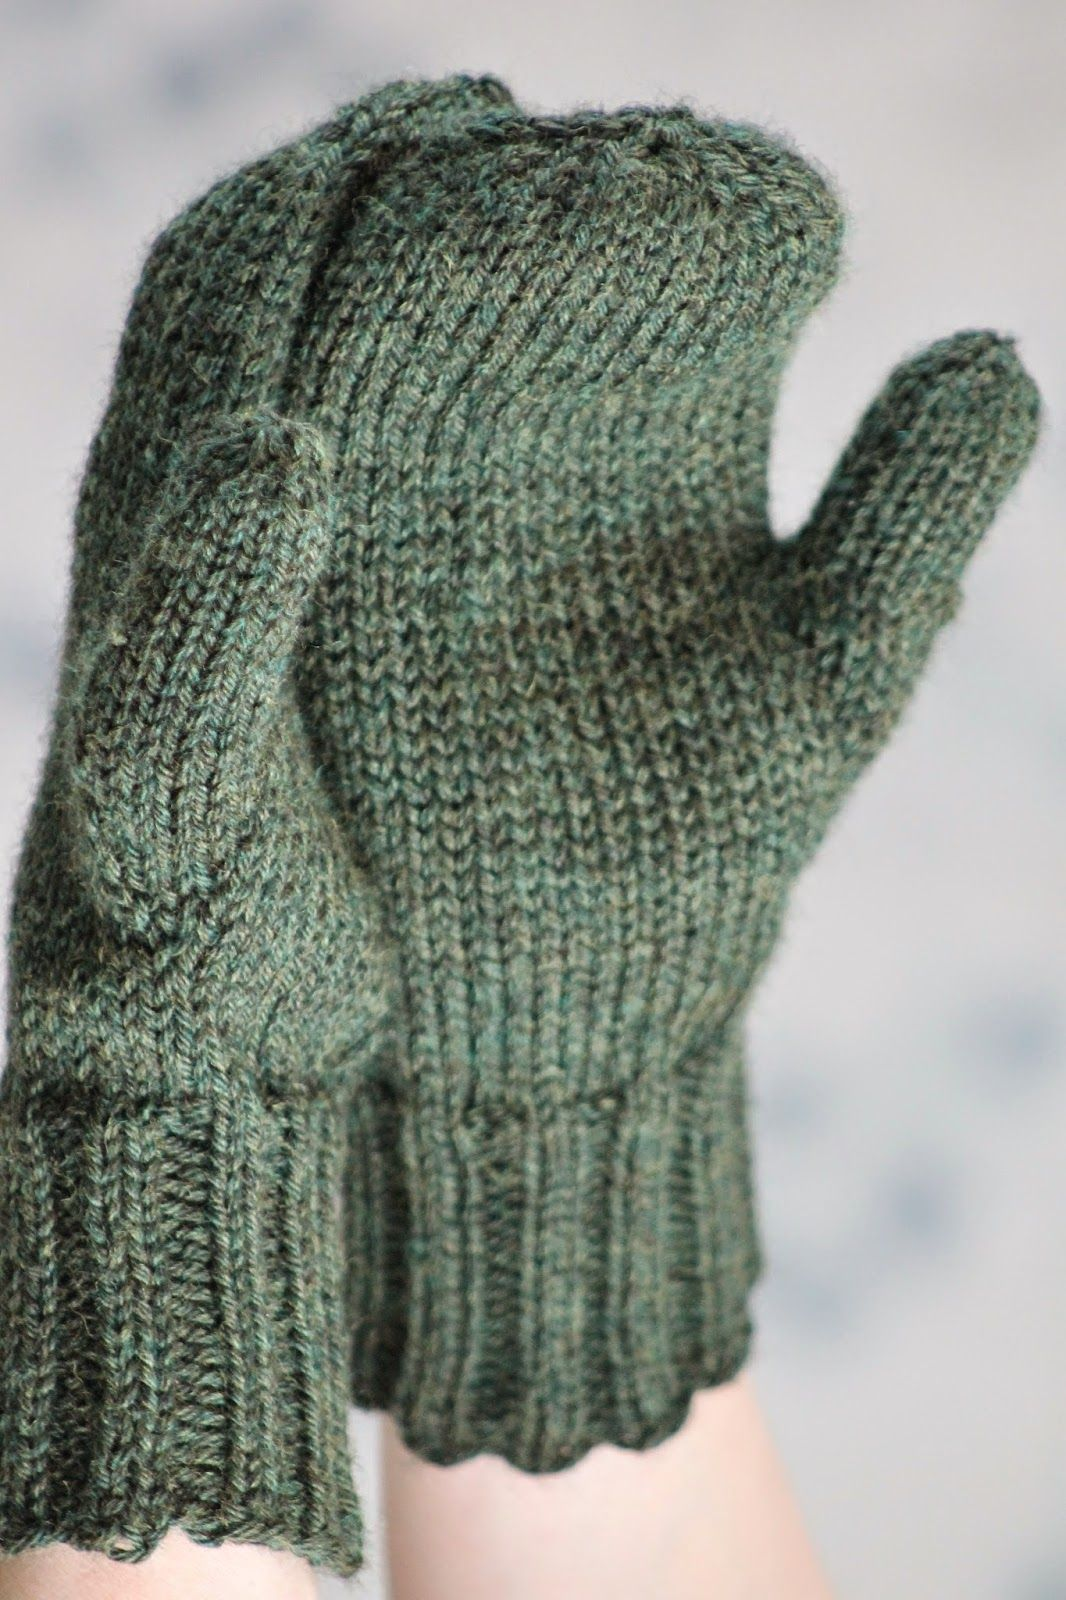 Doug Fir Mittens | Mittens, Firs and Knitting patterns